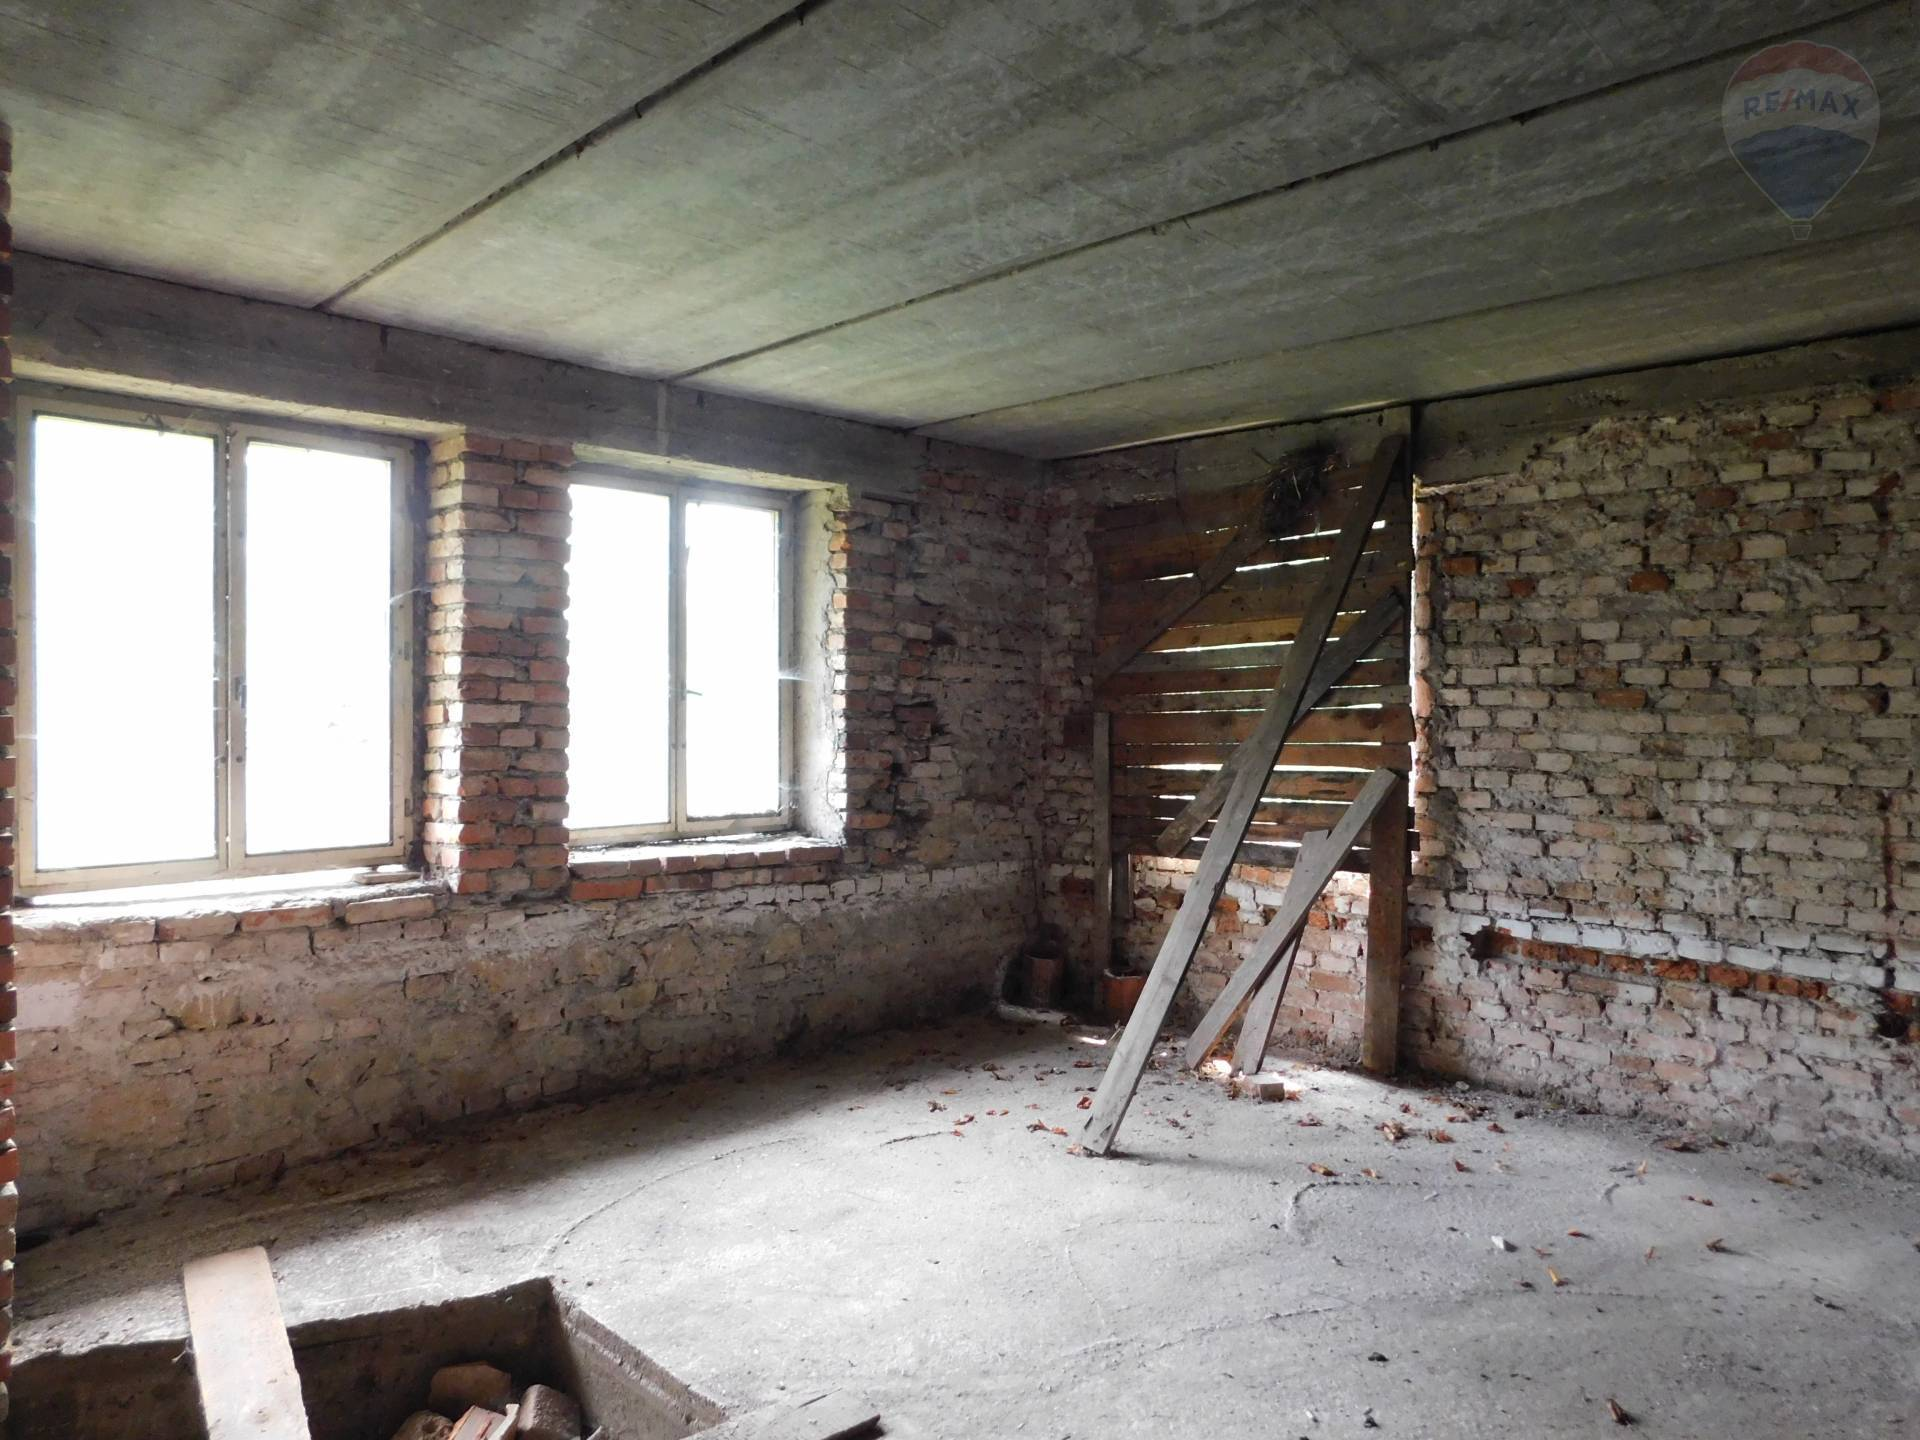 Predaj domu 400 m2, Banská Bystrica - Izba